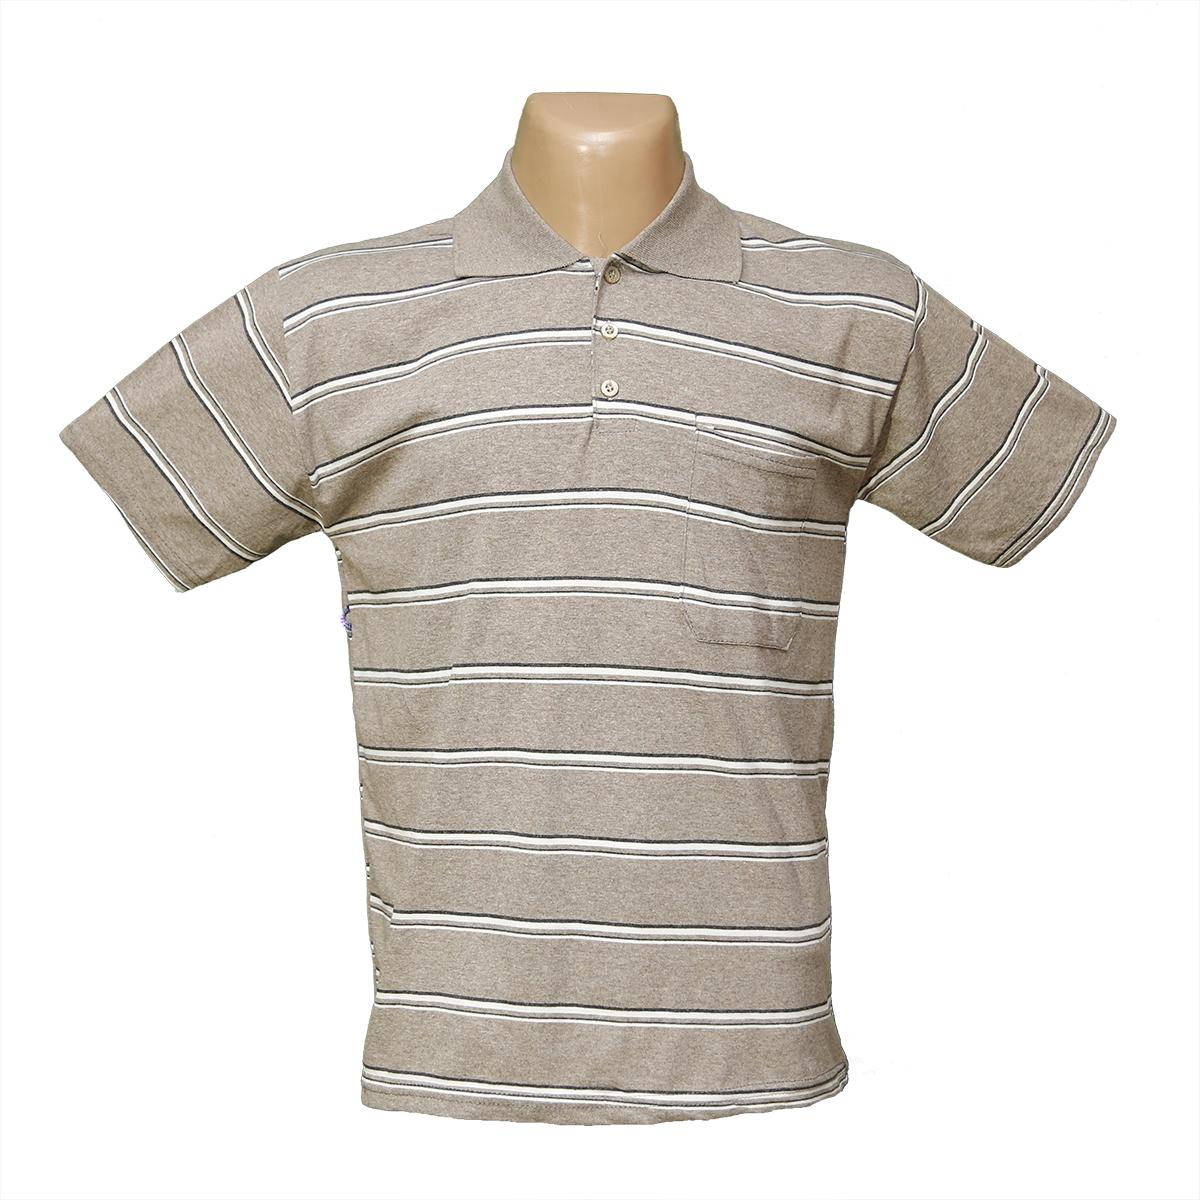 44601a34d76573a Мужская котоновая футболка Поло БАТАЛЫ 625 оптом и в розницу ...